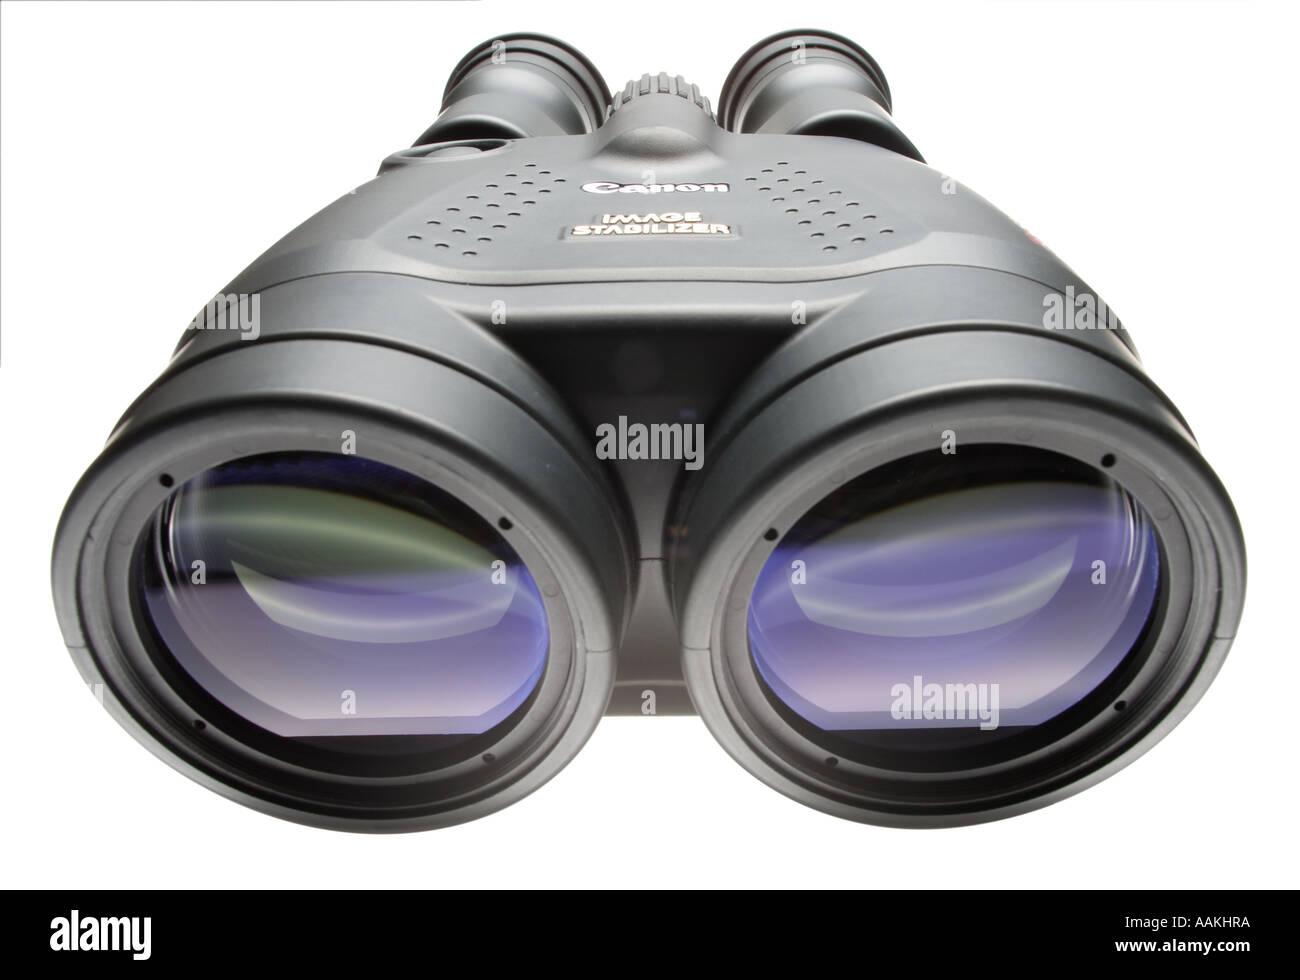 Canon eu reise zoom für dslr schwarz kaufen saturn